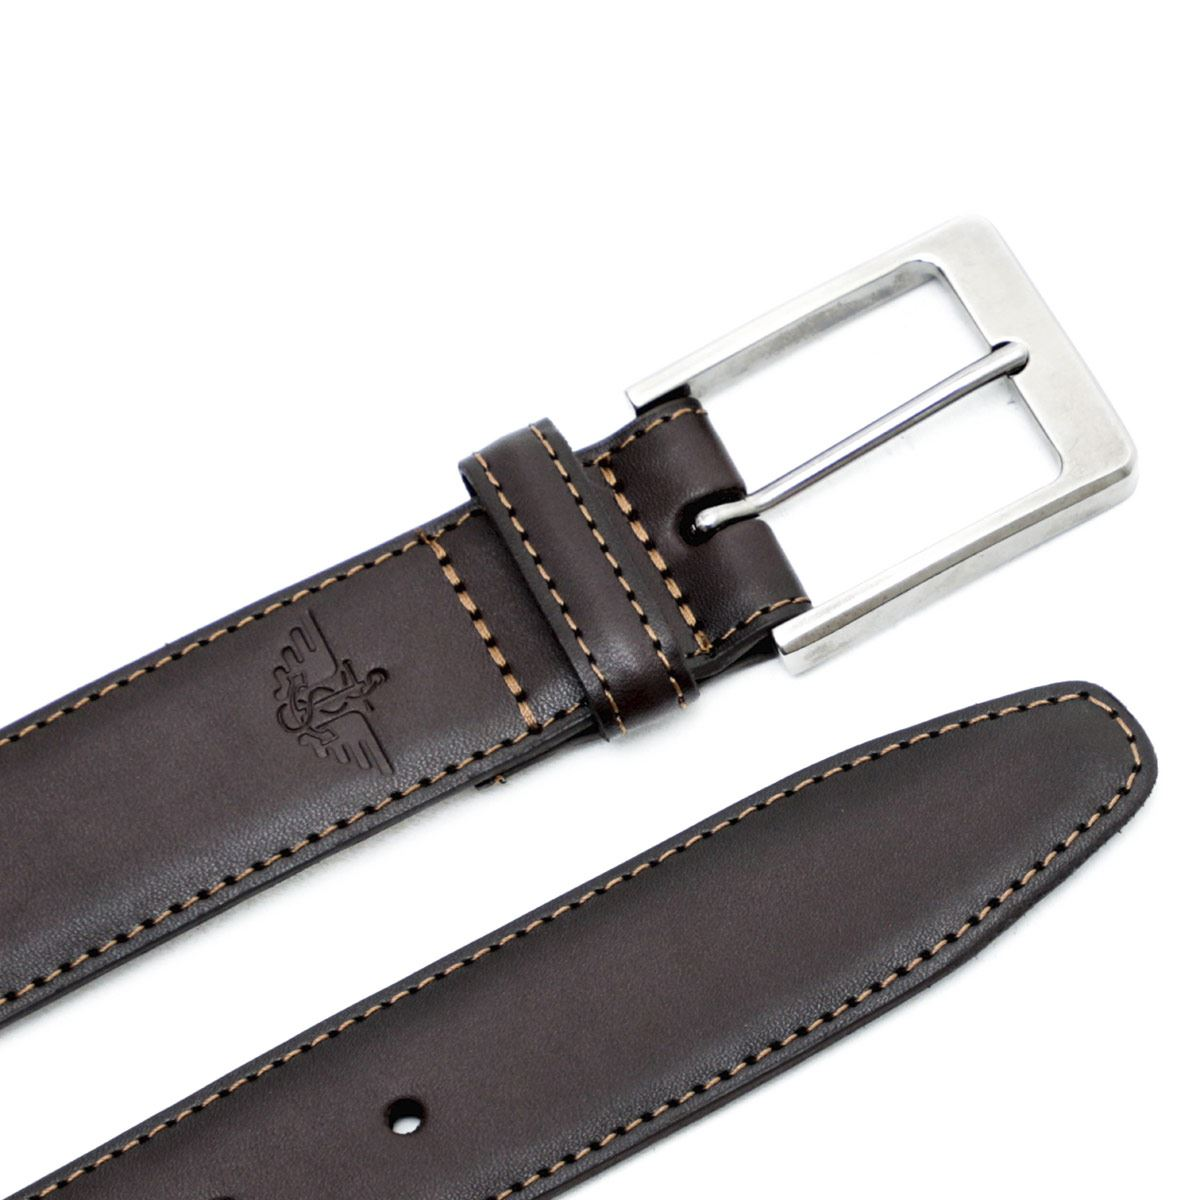 Cinturón Dockers Dmpbn-W012 Talla 40 para Caballero